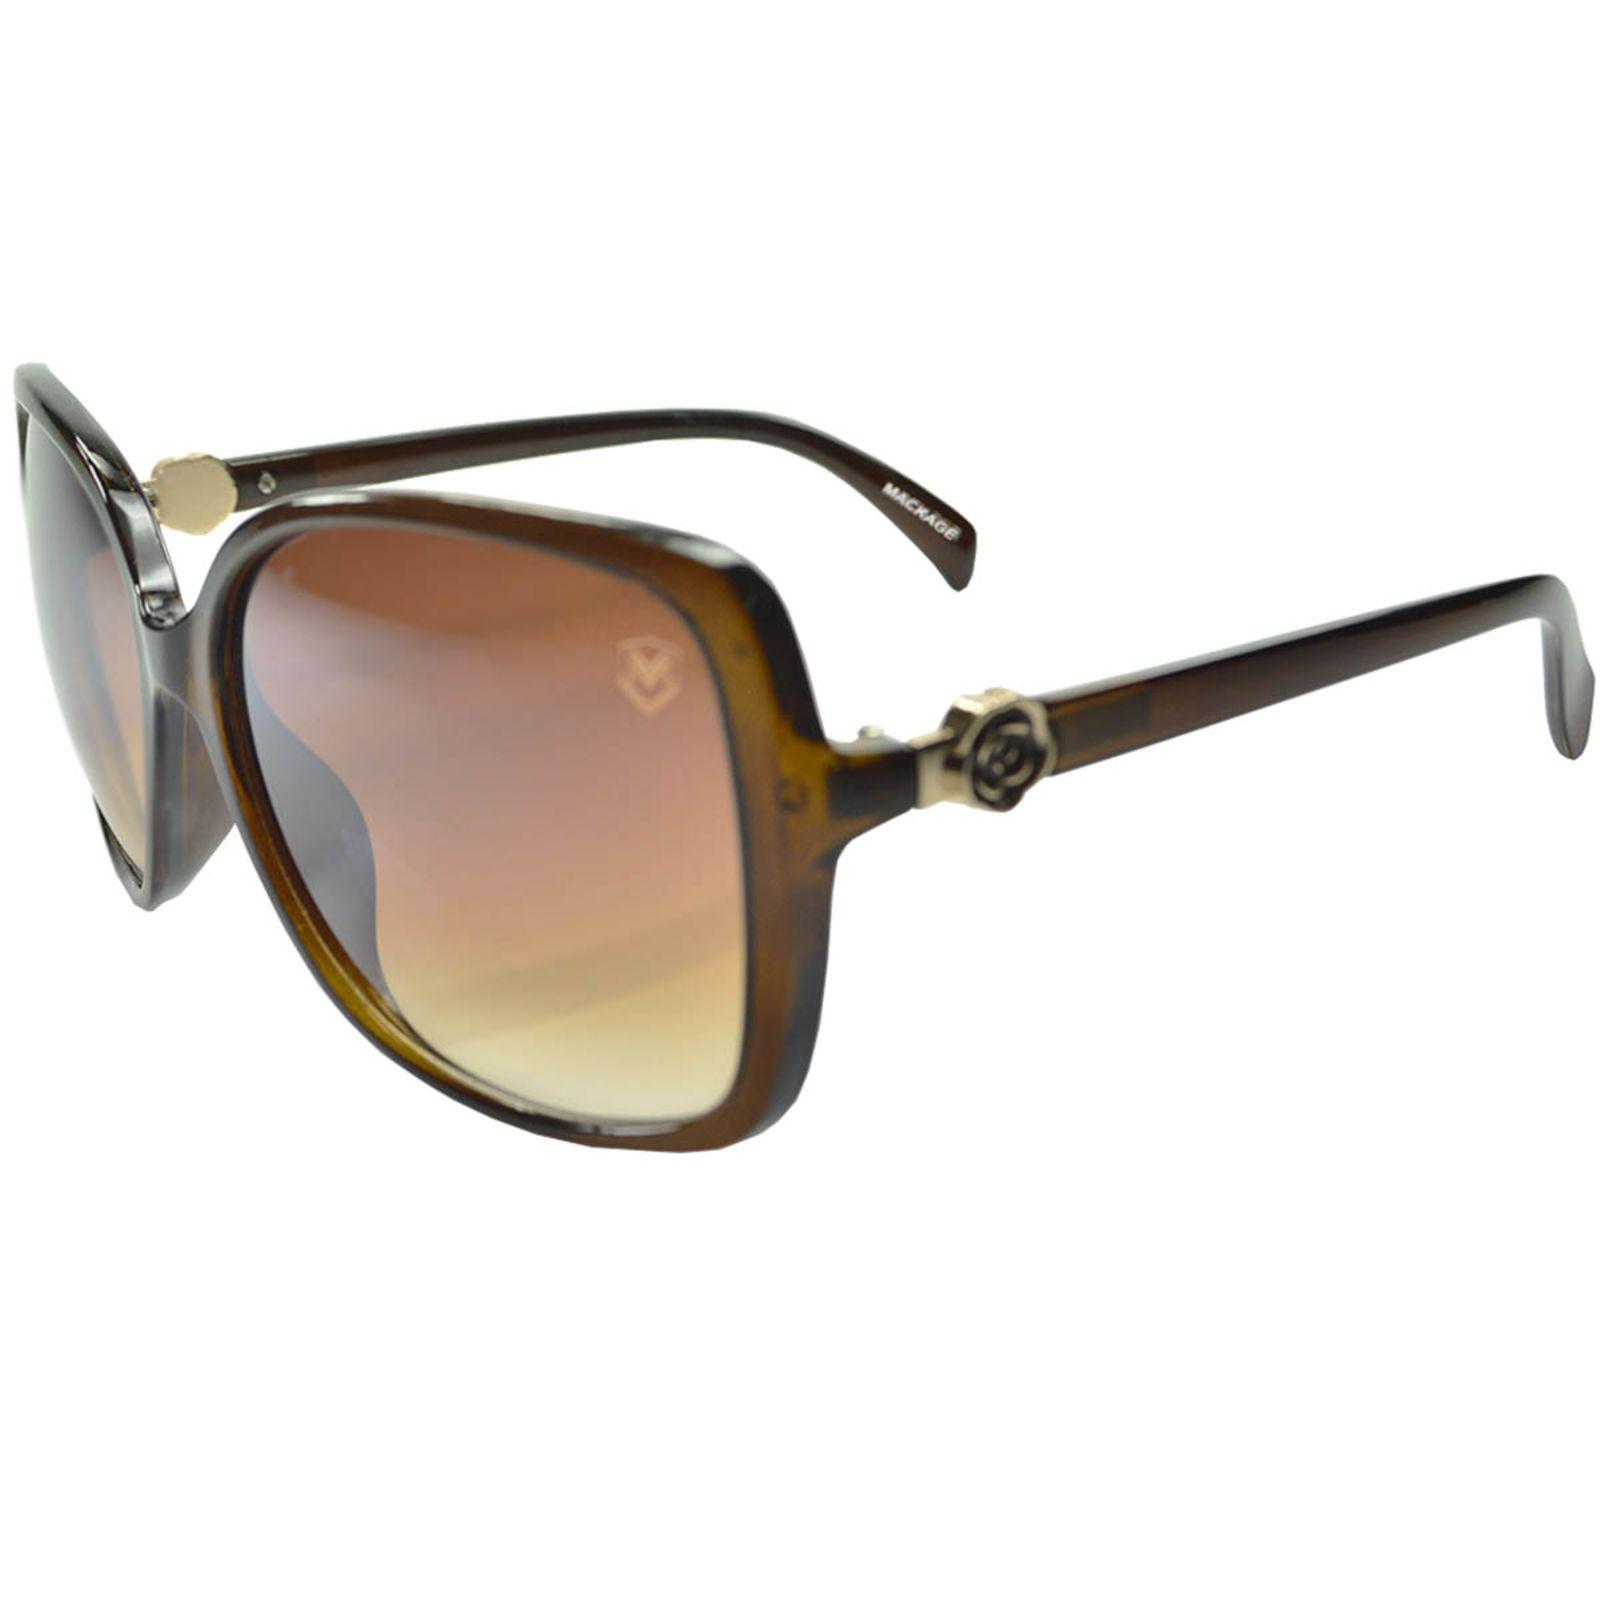 c4ee9f661 Óculos de Sol Feminino Mackage MK2604